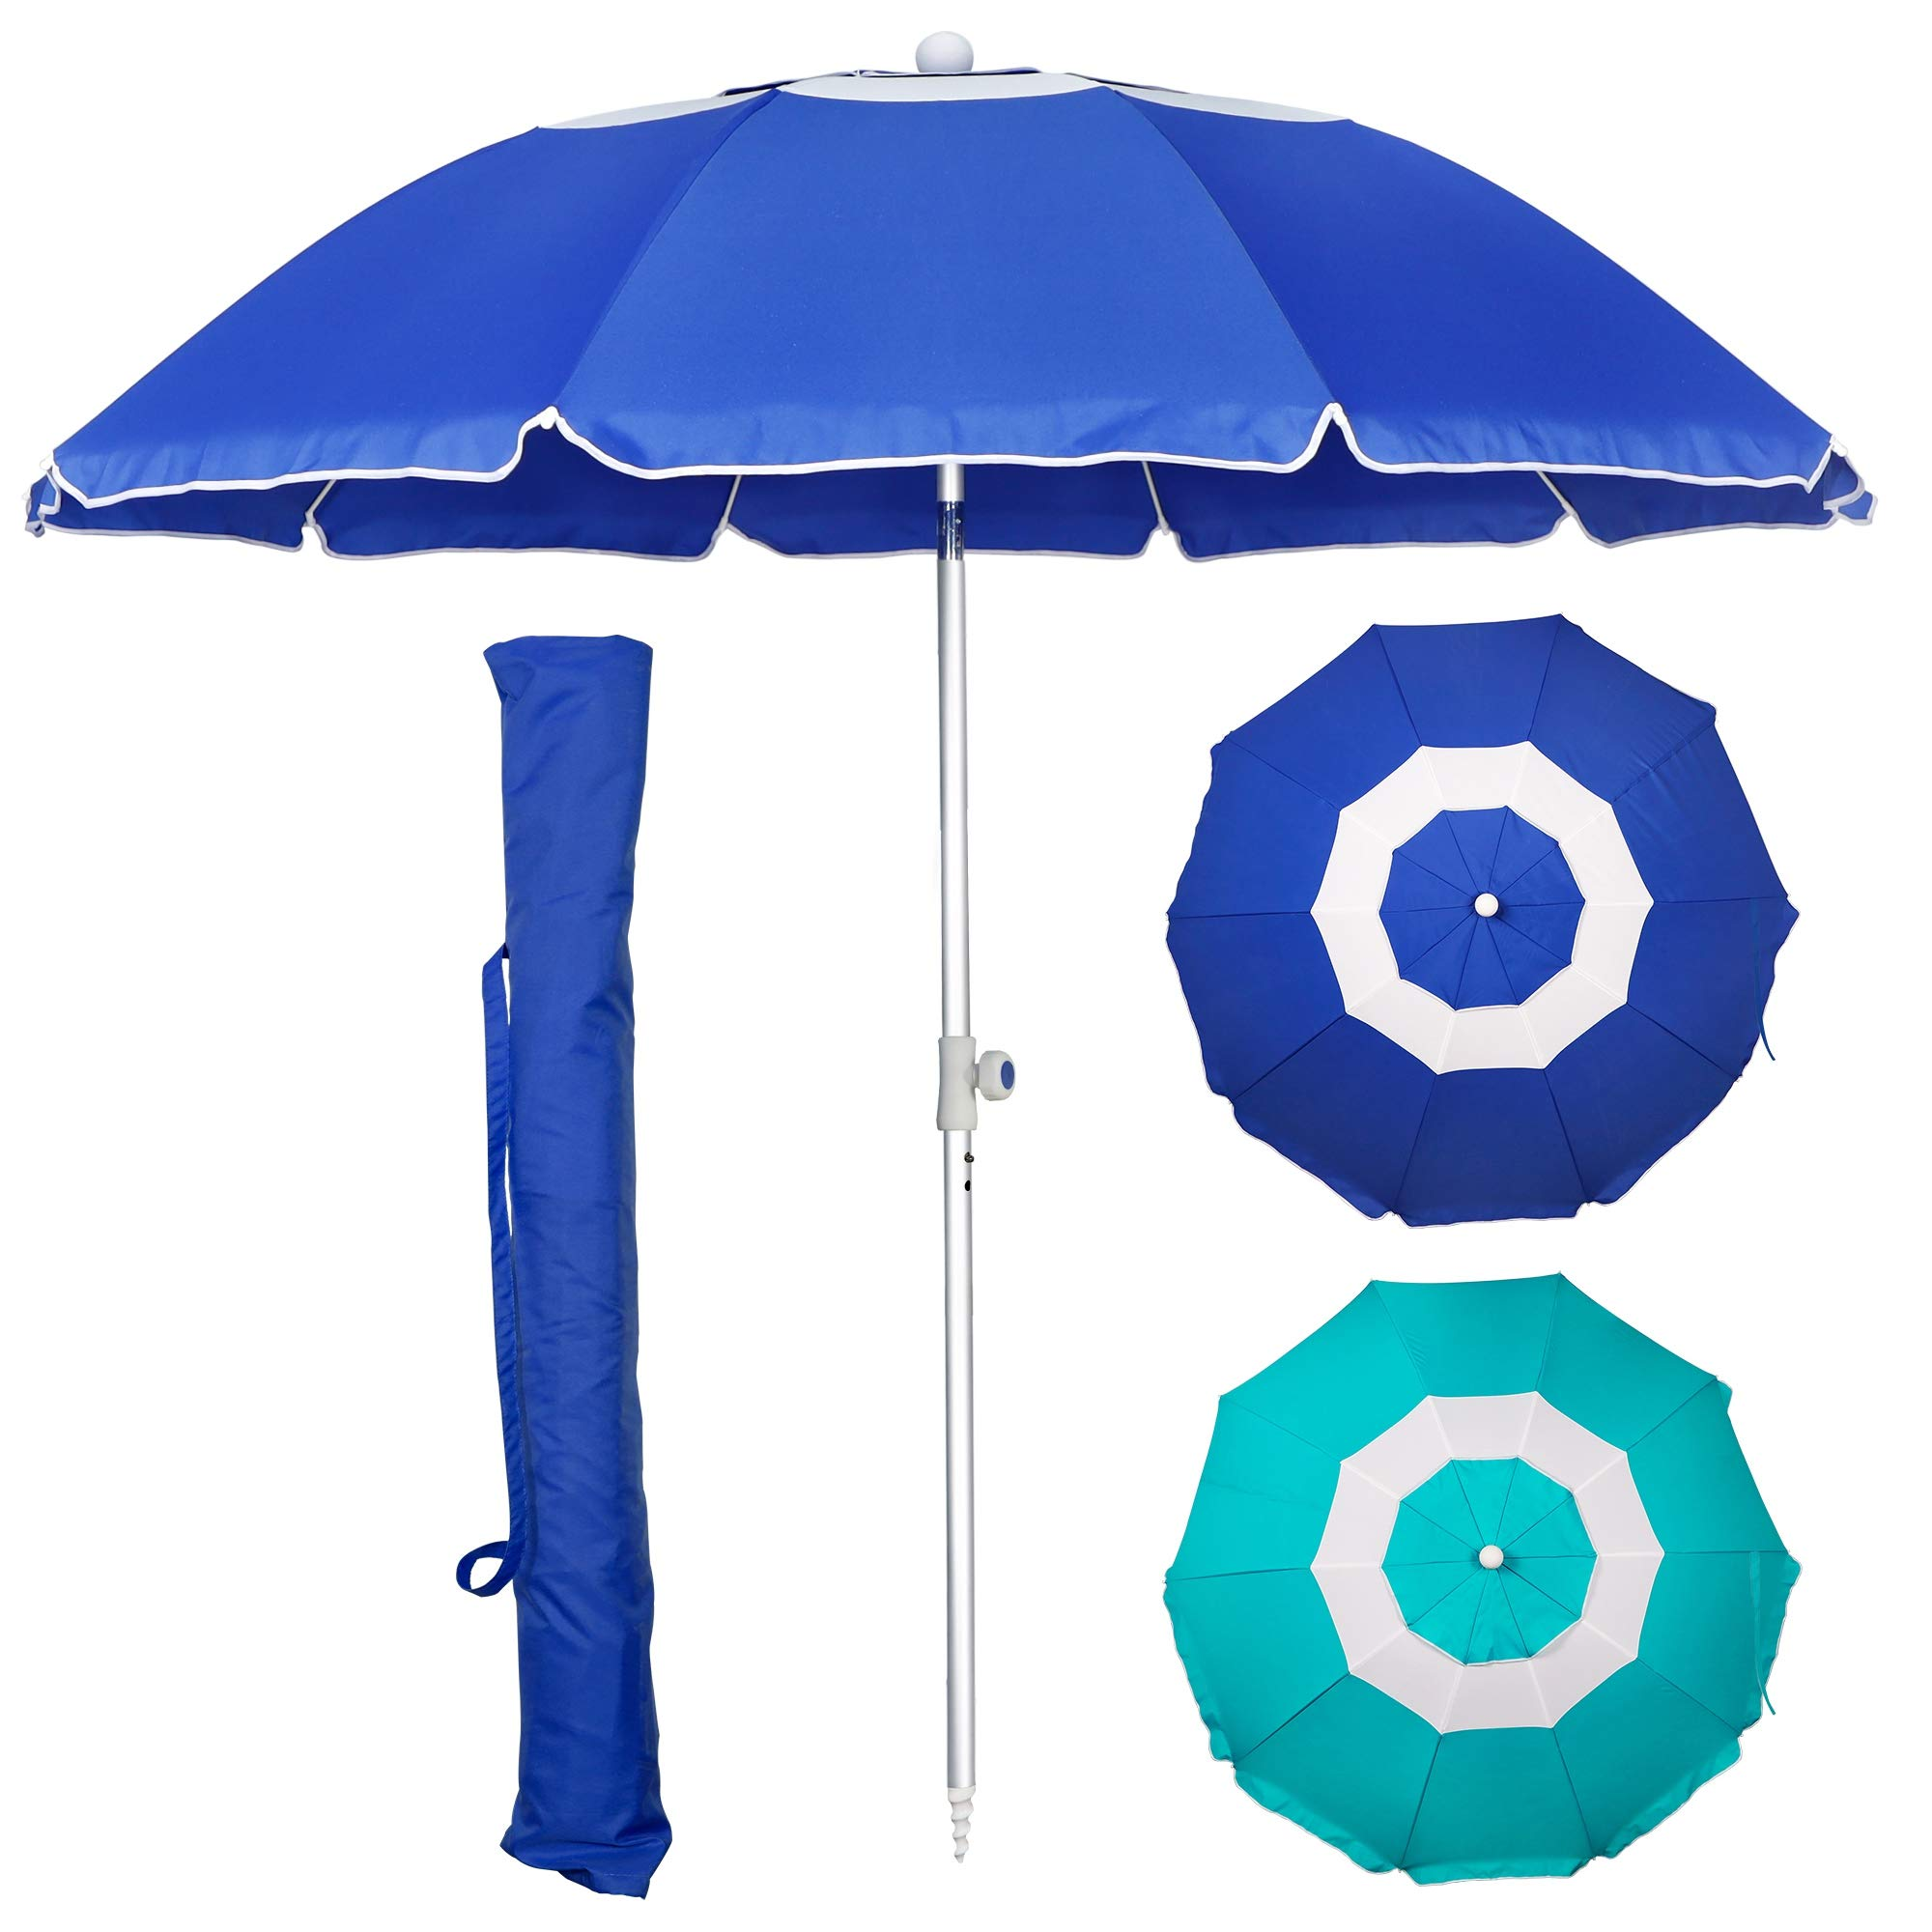 Blissun 7' Portable Beach Umbrella with Sand Anchor, Tilt Pole, Carry Bag, Air Vent, Portable Sun Shelter for Beach Patio Garden Outdoor, Blue